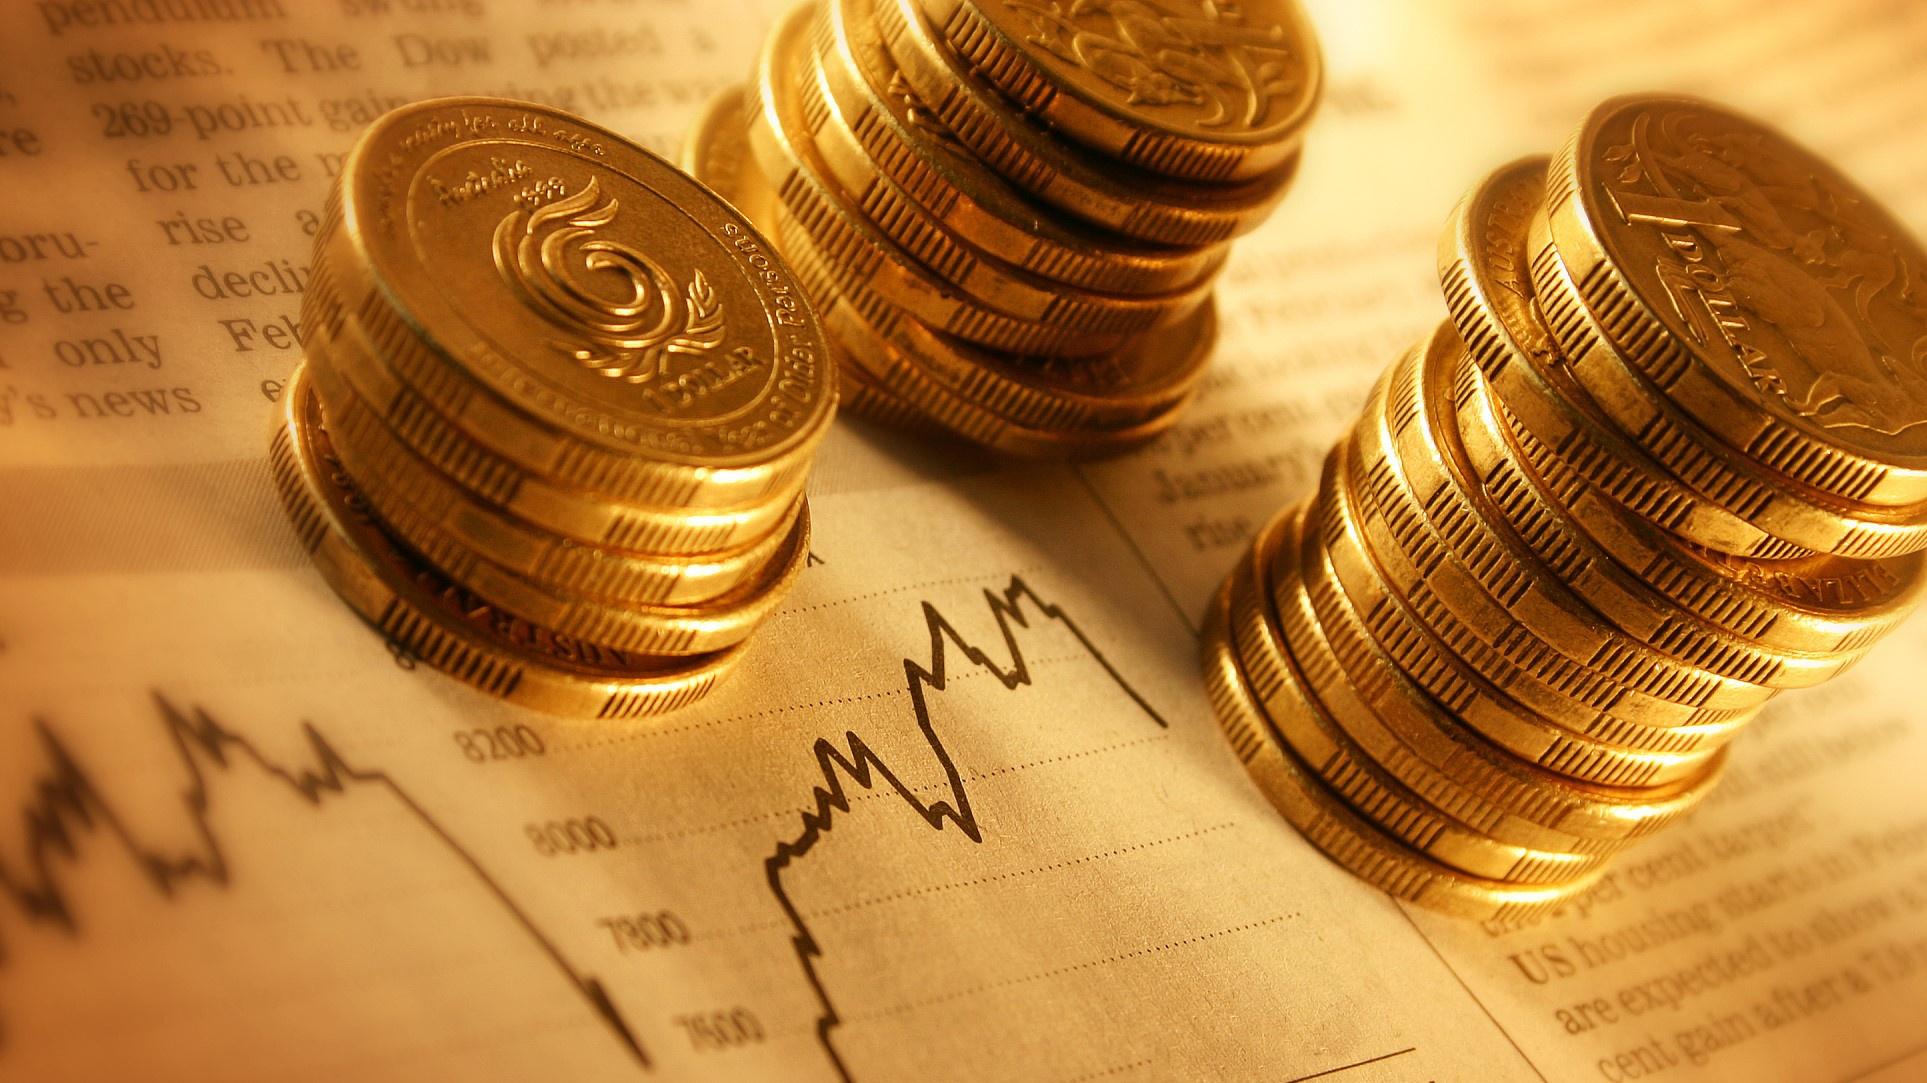 一觉醒来金价涨破2000关口 贵金属板块仍被低估?